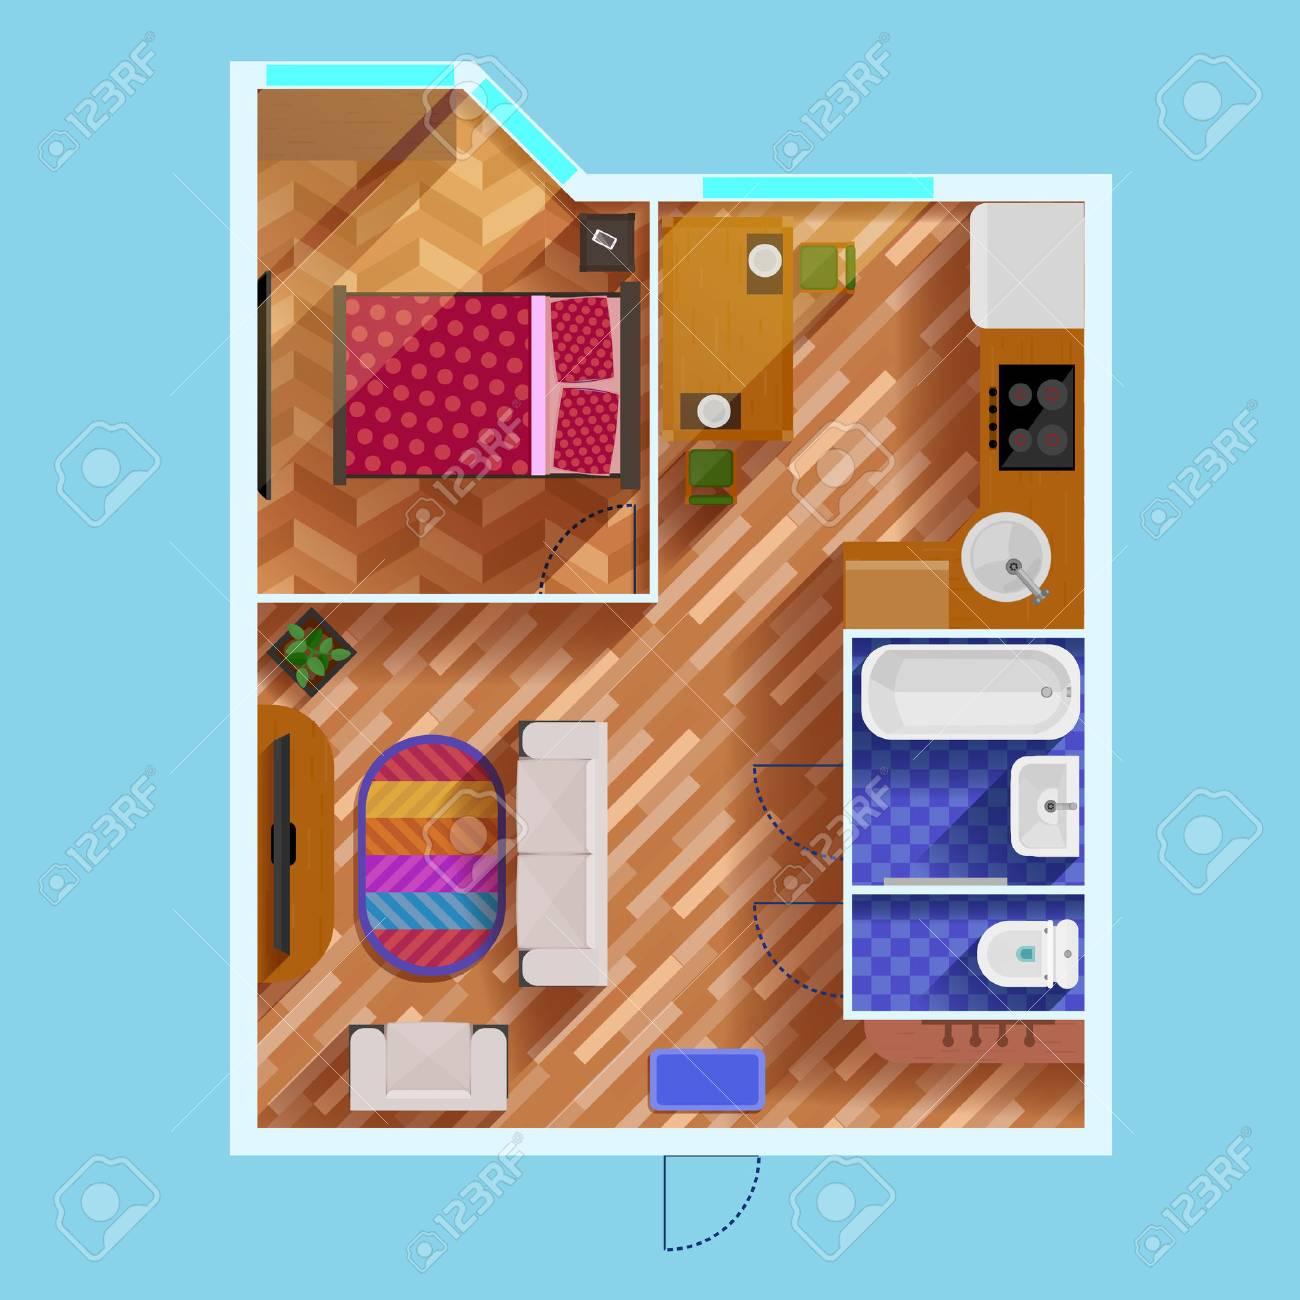 Kleurrijke Plattegrond Van Het Appartement Met één Slaapkamer ...